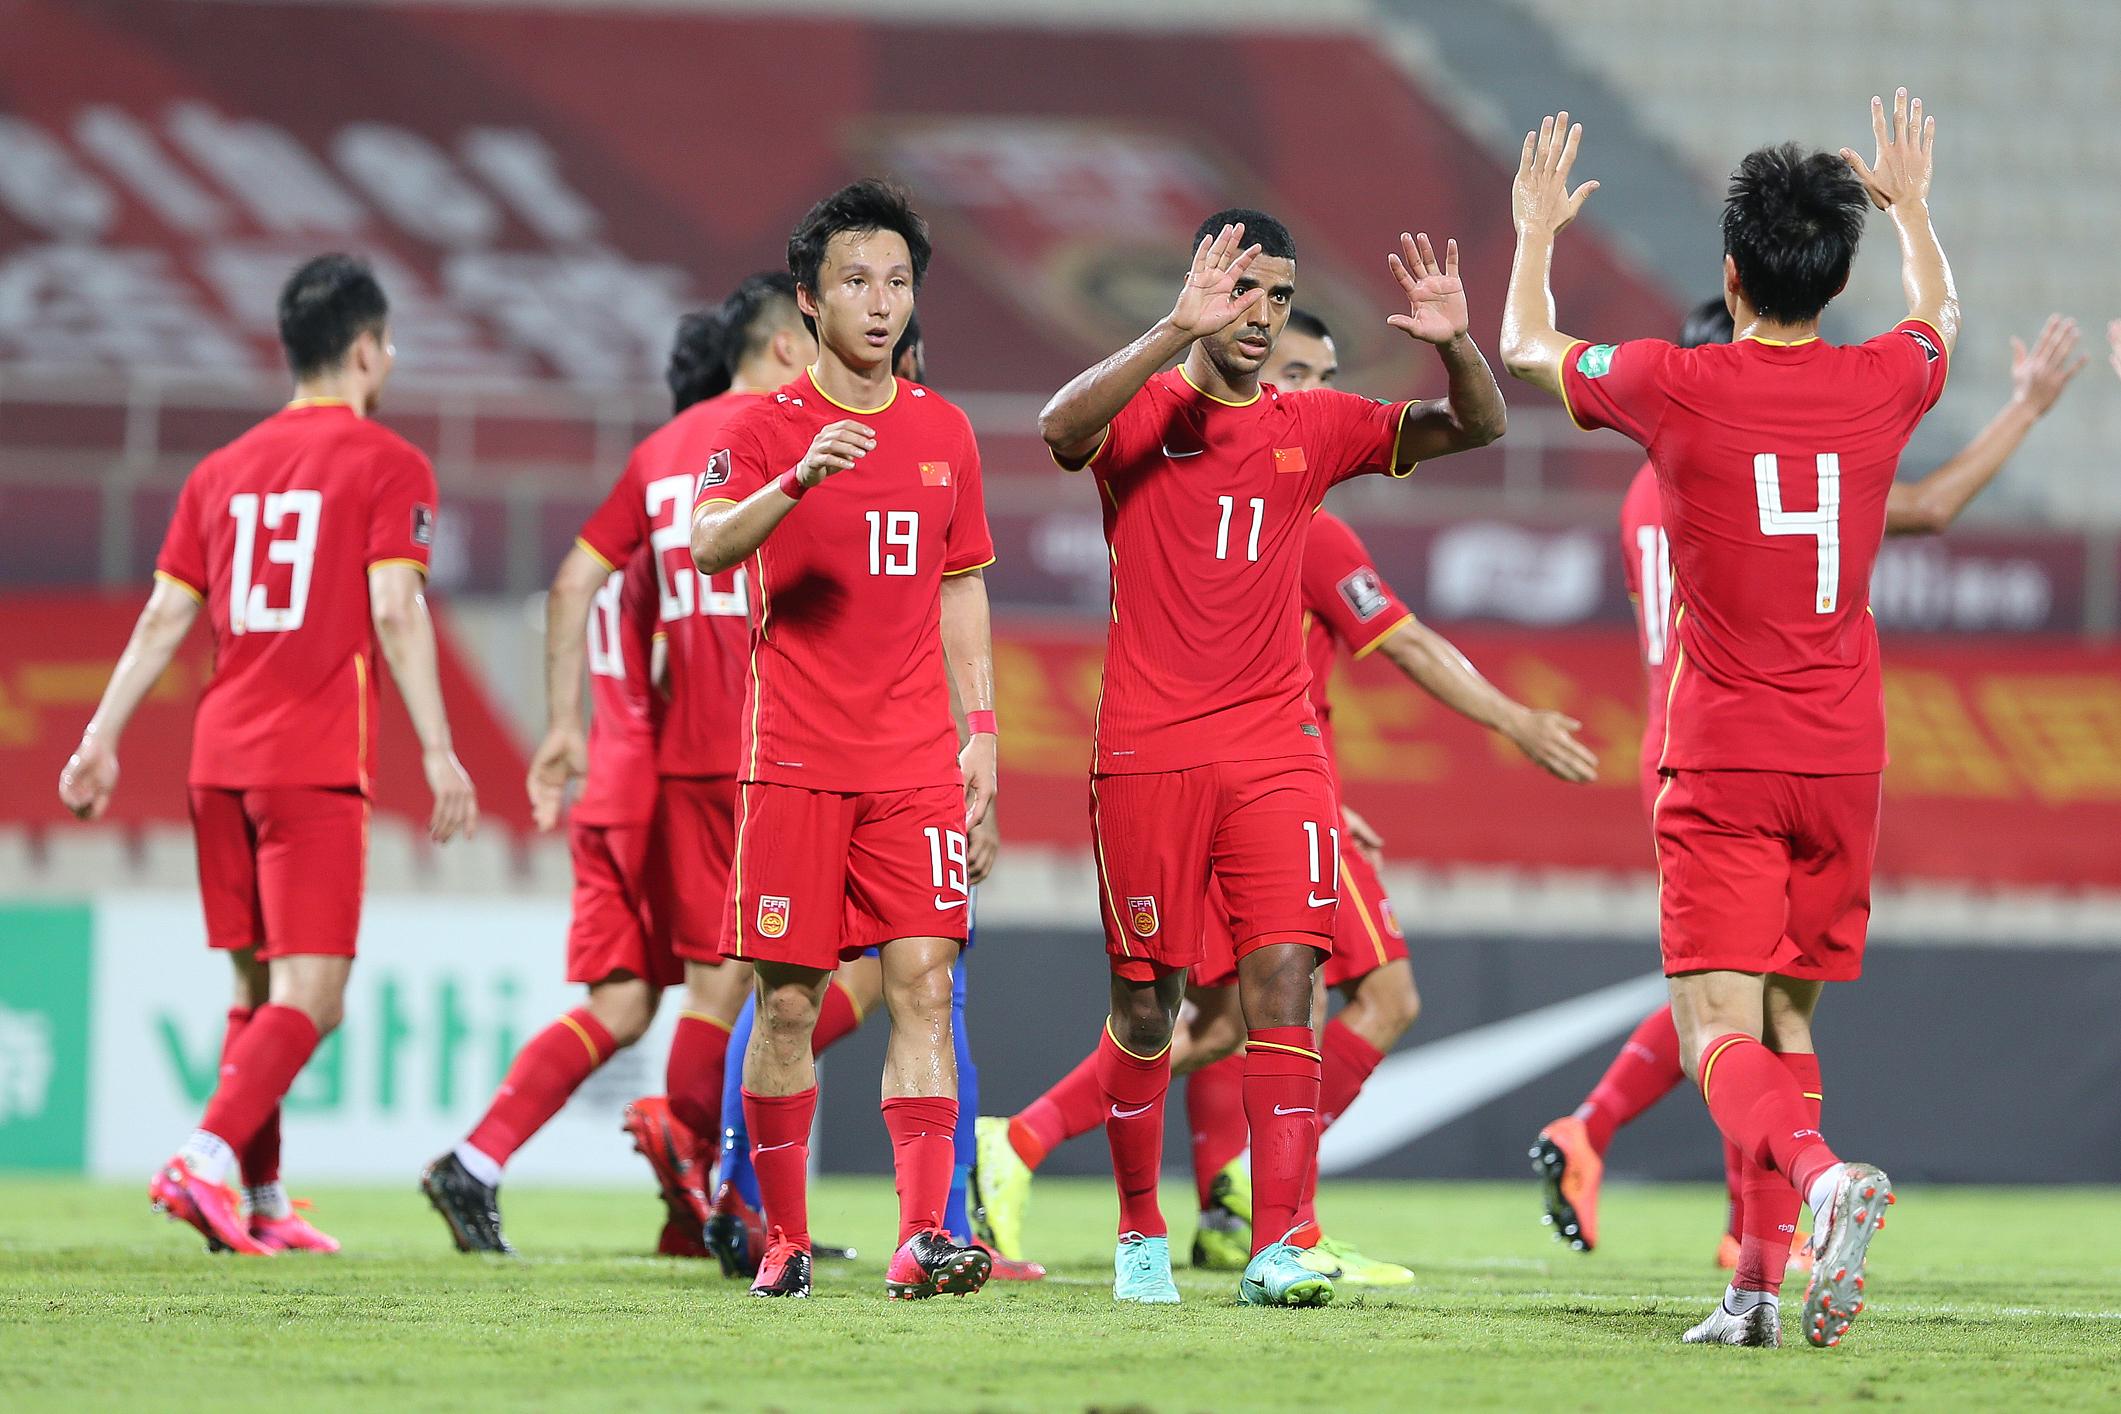 国足队员庆祝进球。